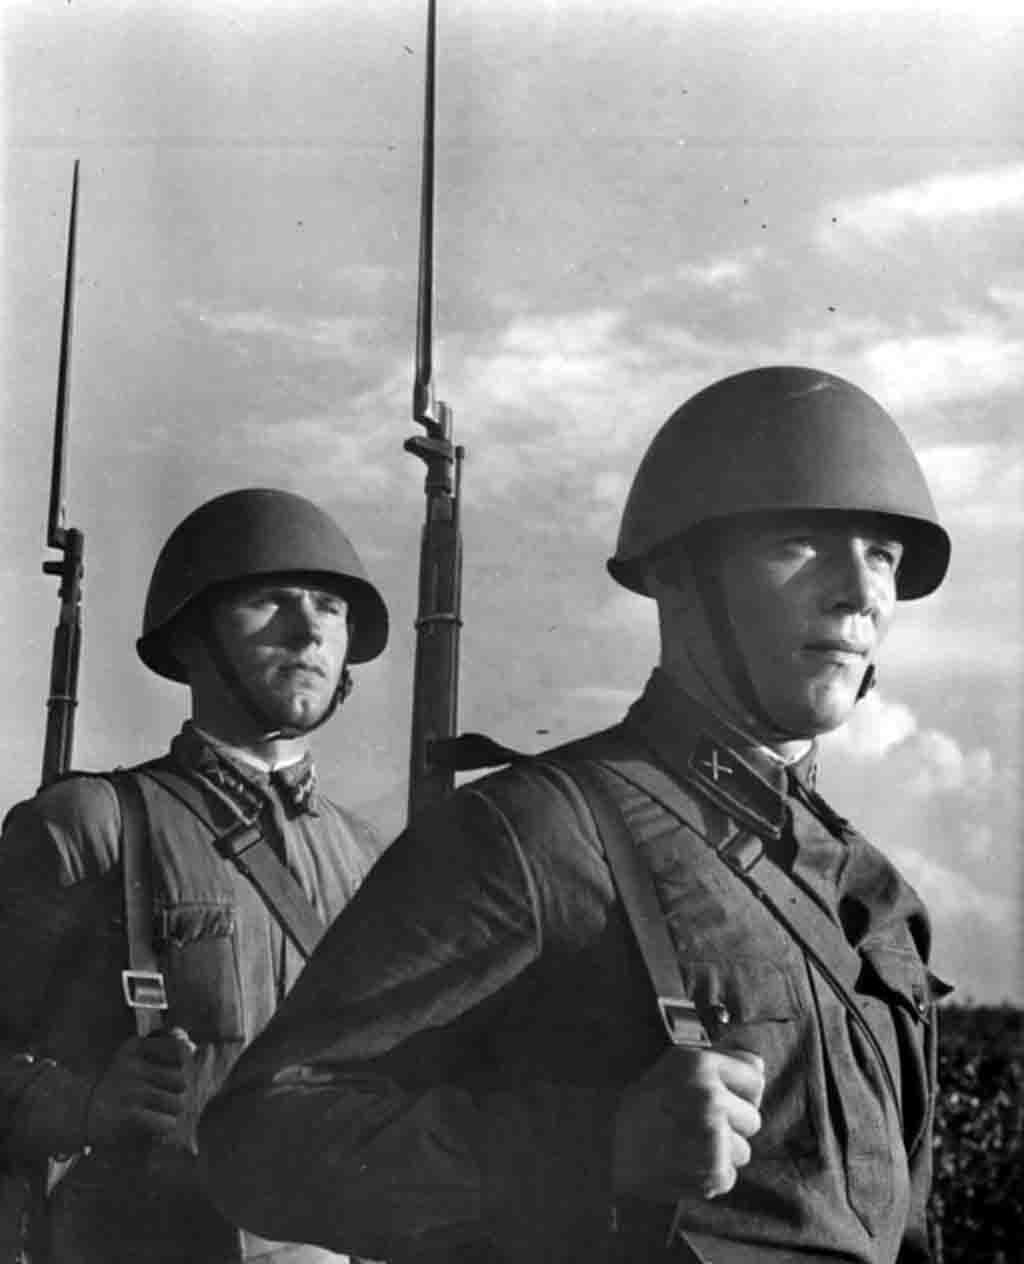 World War II: Artillerymen